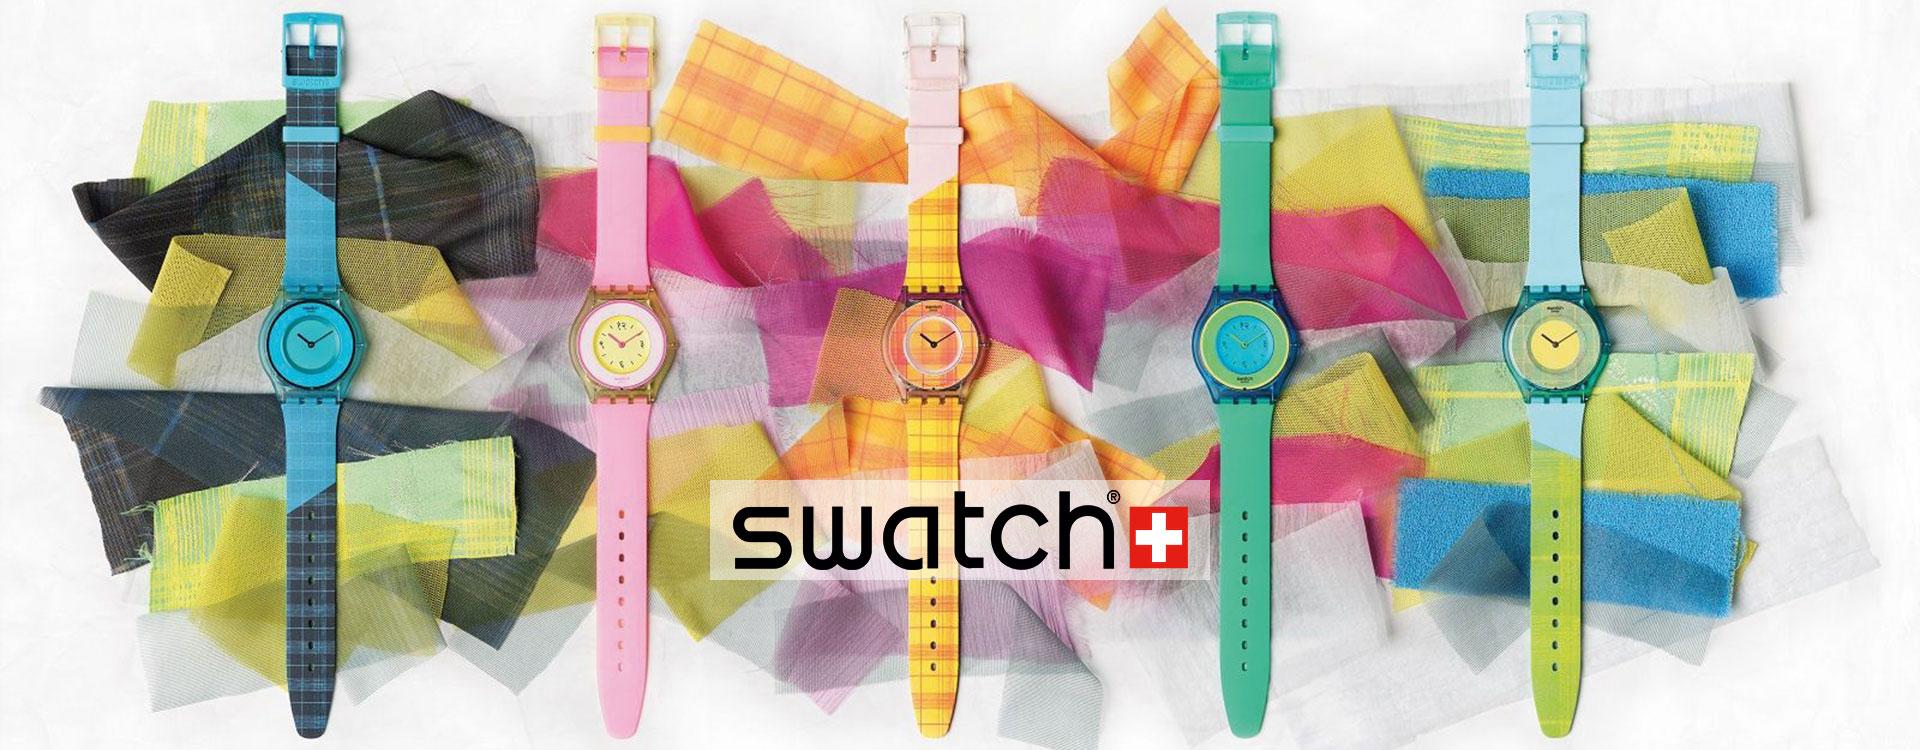 slider-swatch-2021w